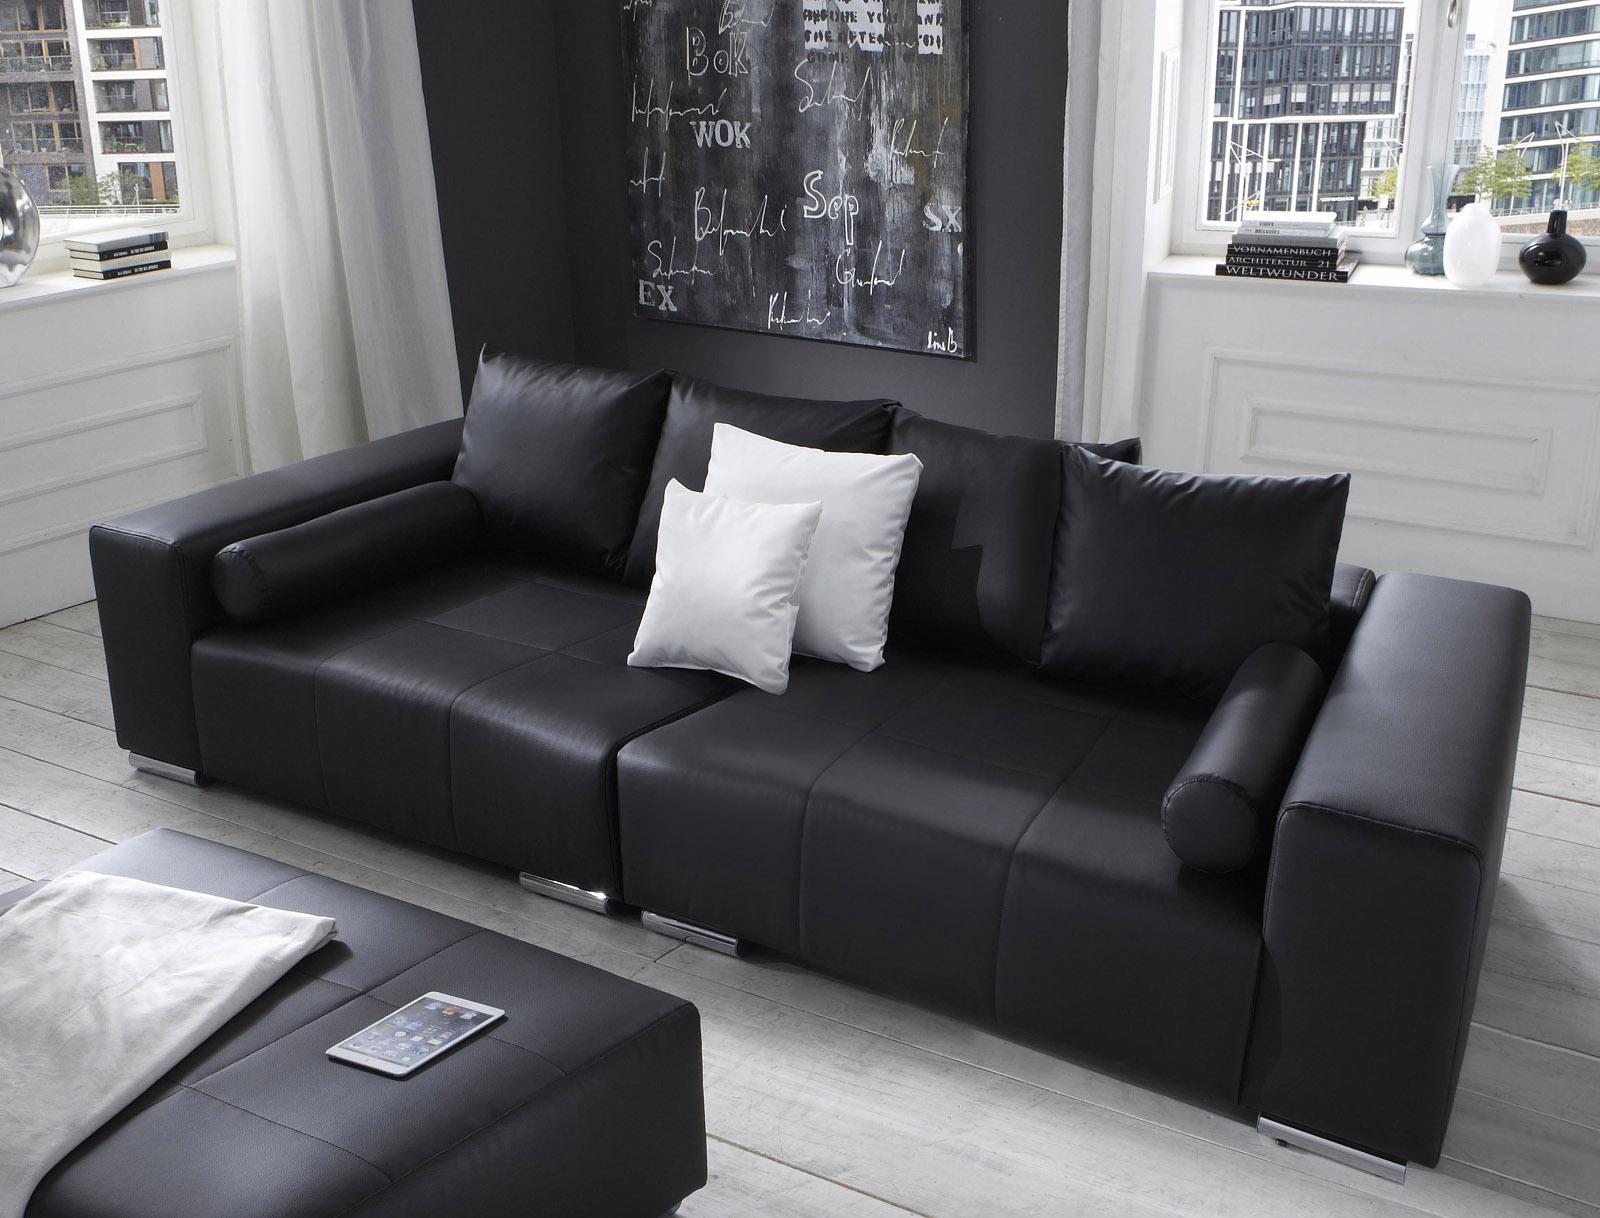 sam big sofa schwarz 290 cm hocker optional jupiter bestellware. Black Bedroom Furniture Sets. Home Design Ideas